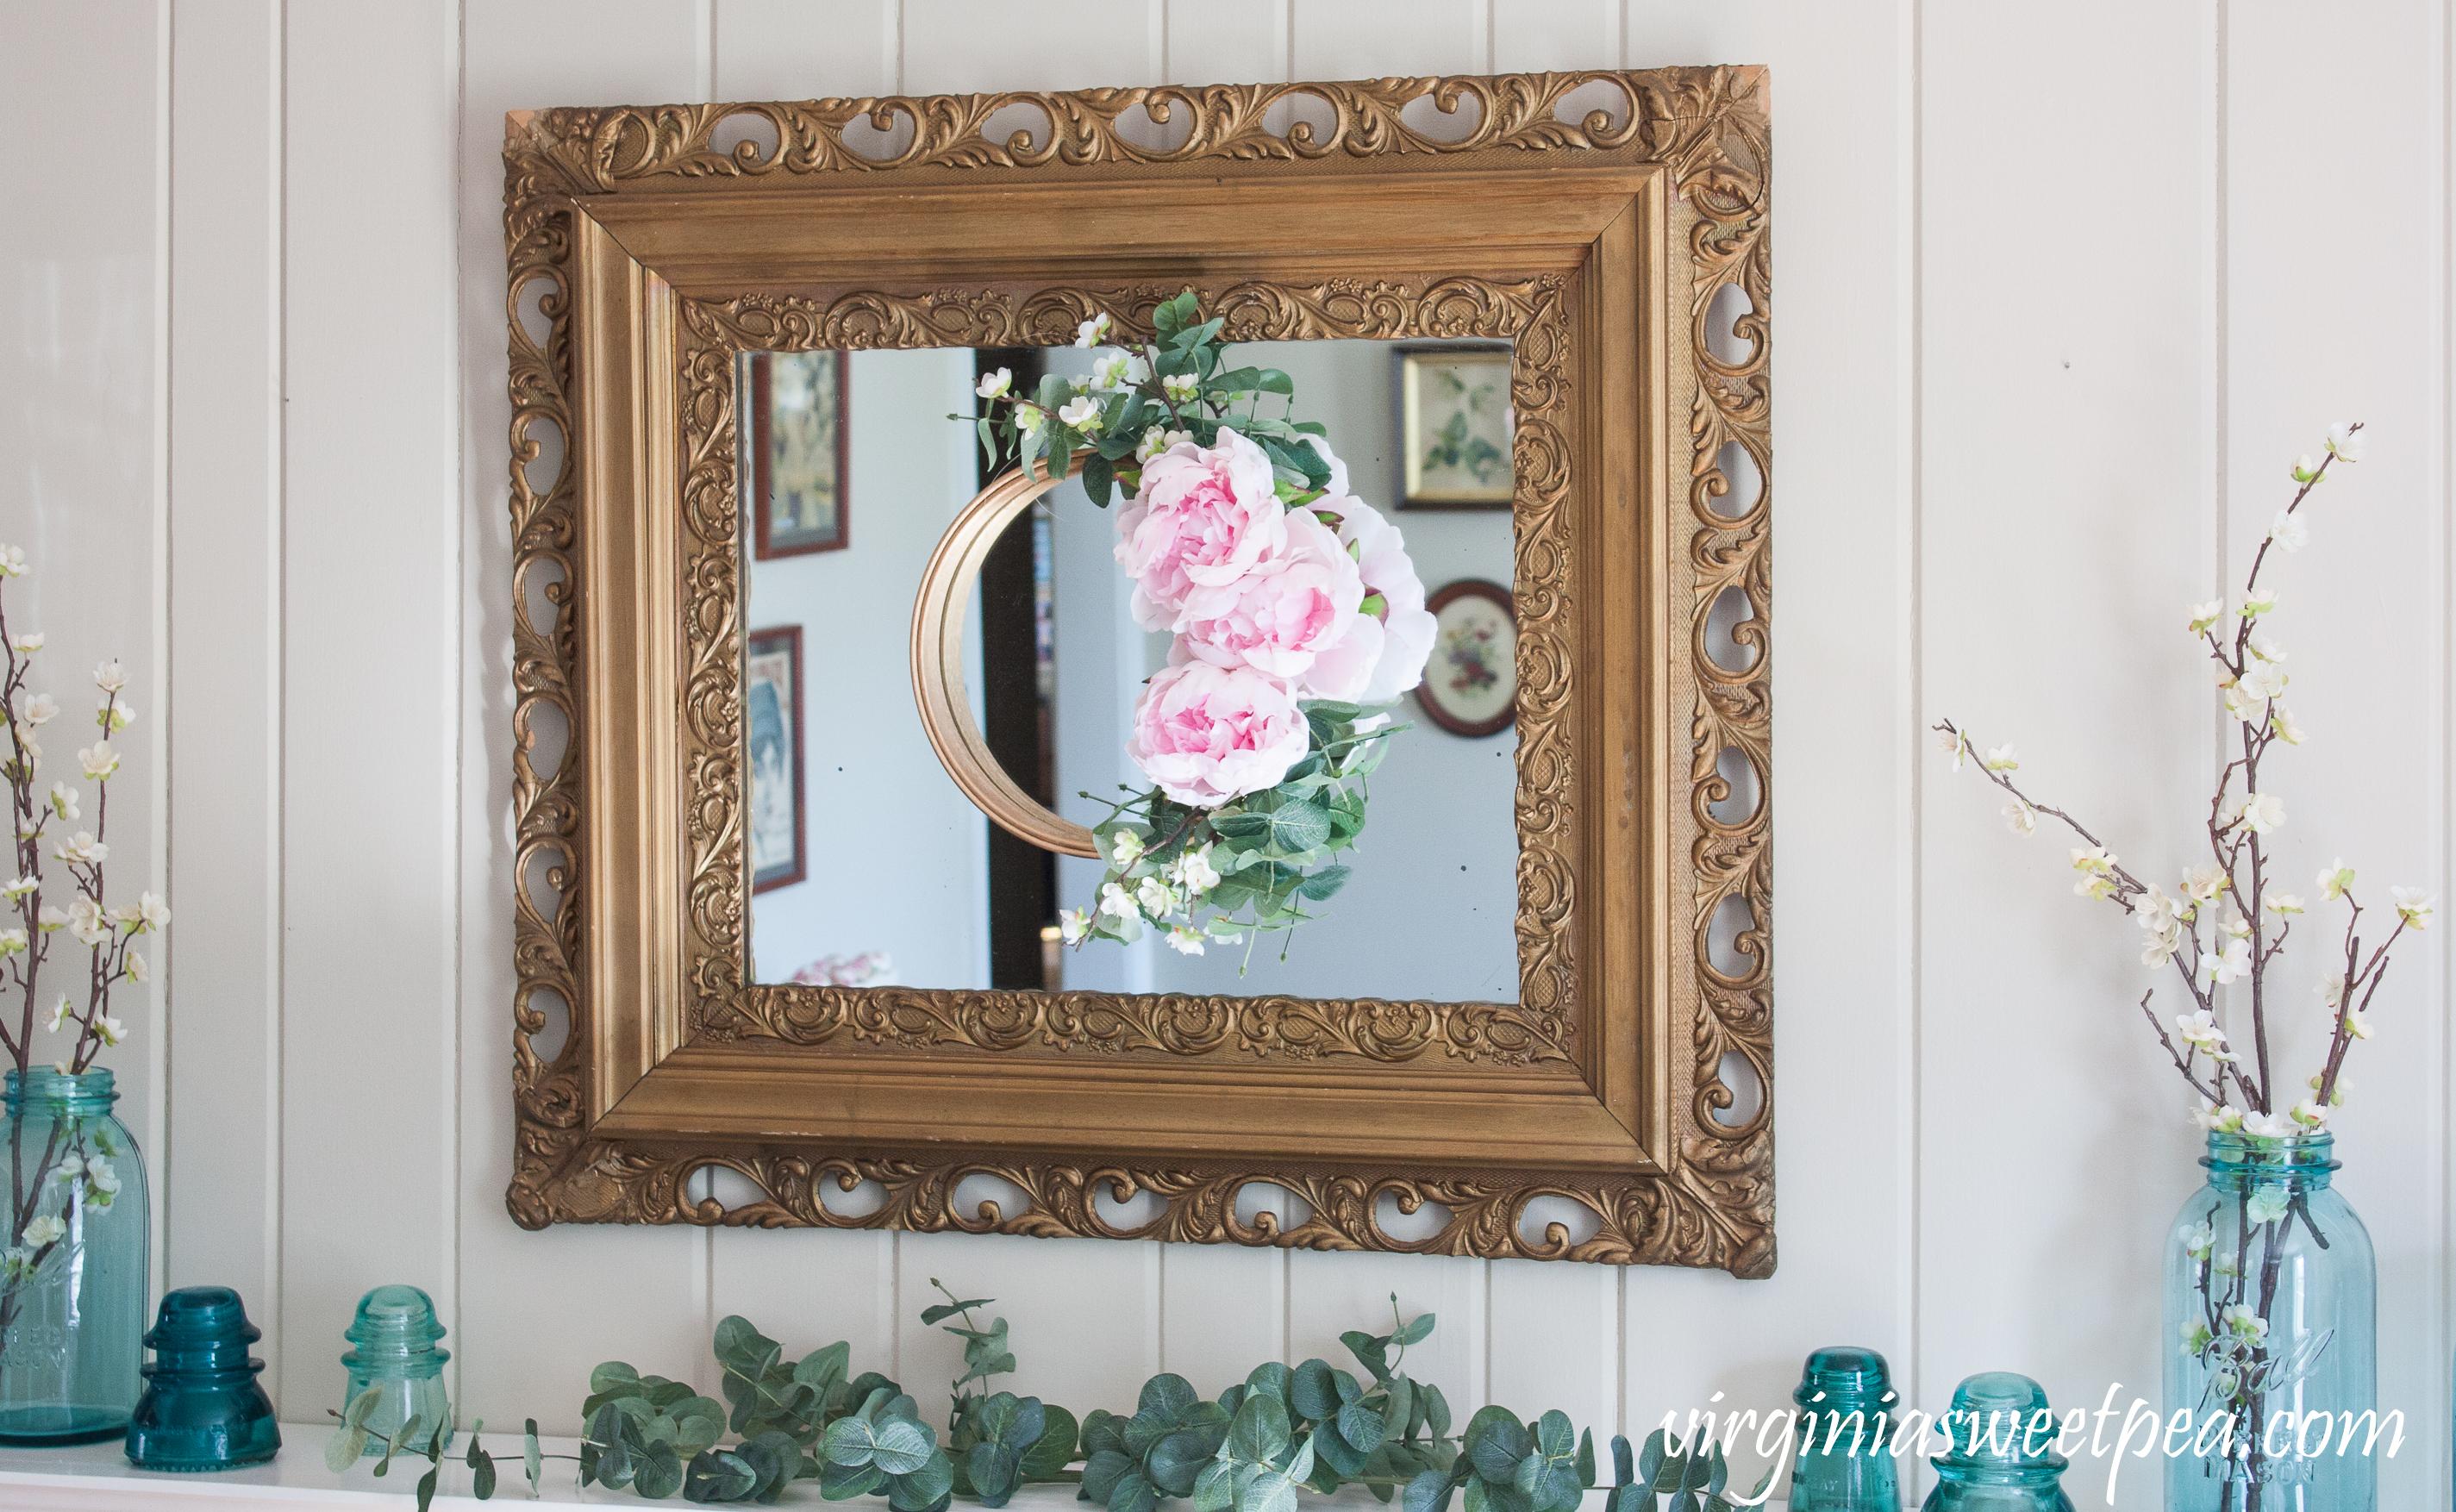 DIY Spring Embroidery Hoop Wreath - Step-by-step tutorial to make a floral embroidery hoop wreath for spring. #wreath #springwreath #wreathtutorial #springcraft